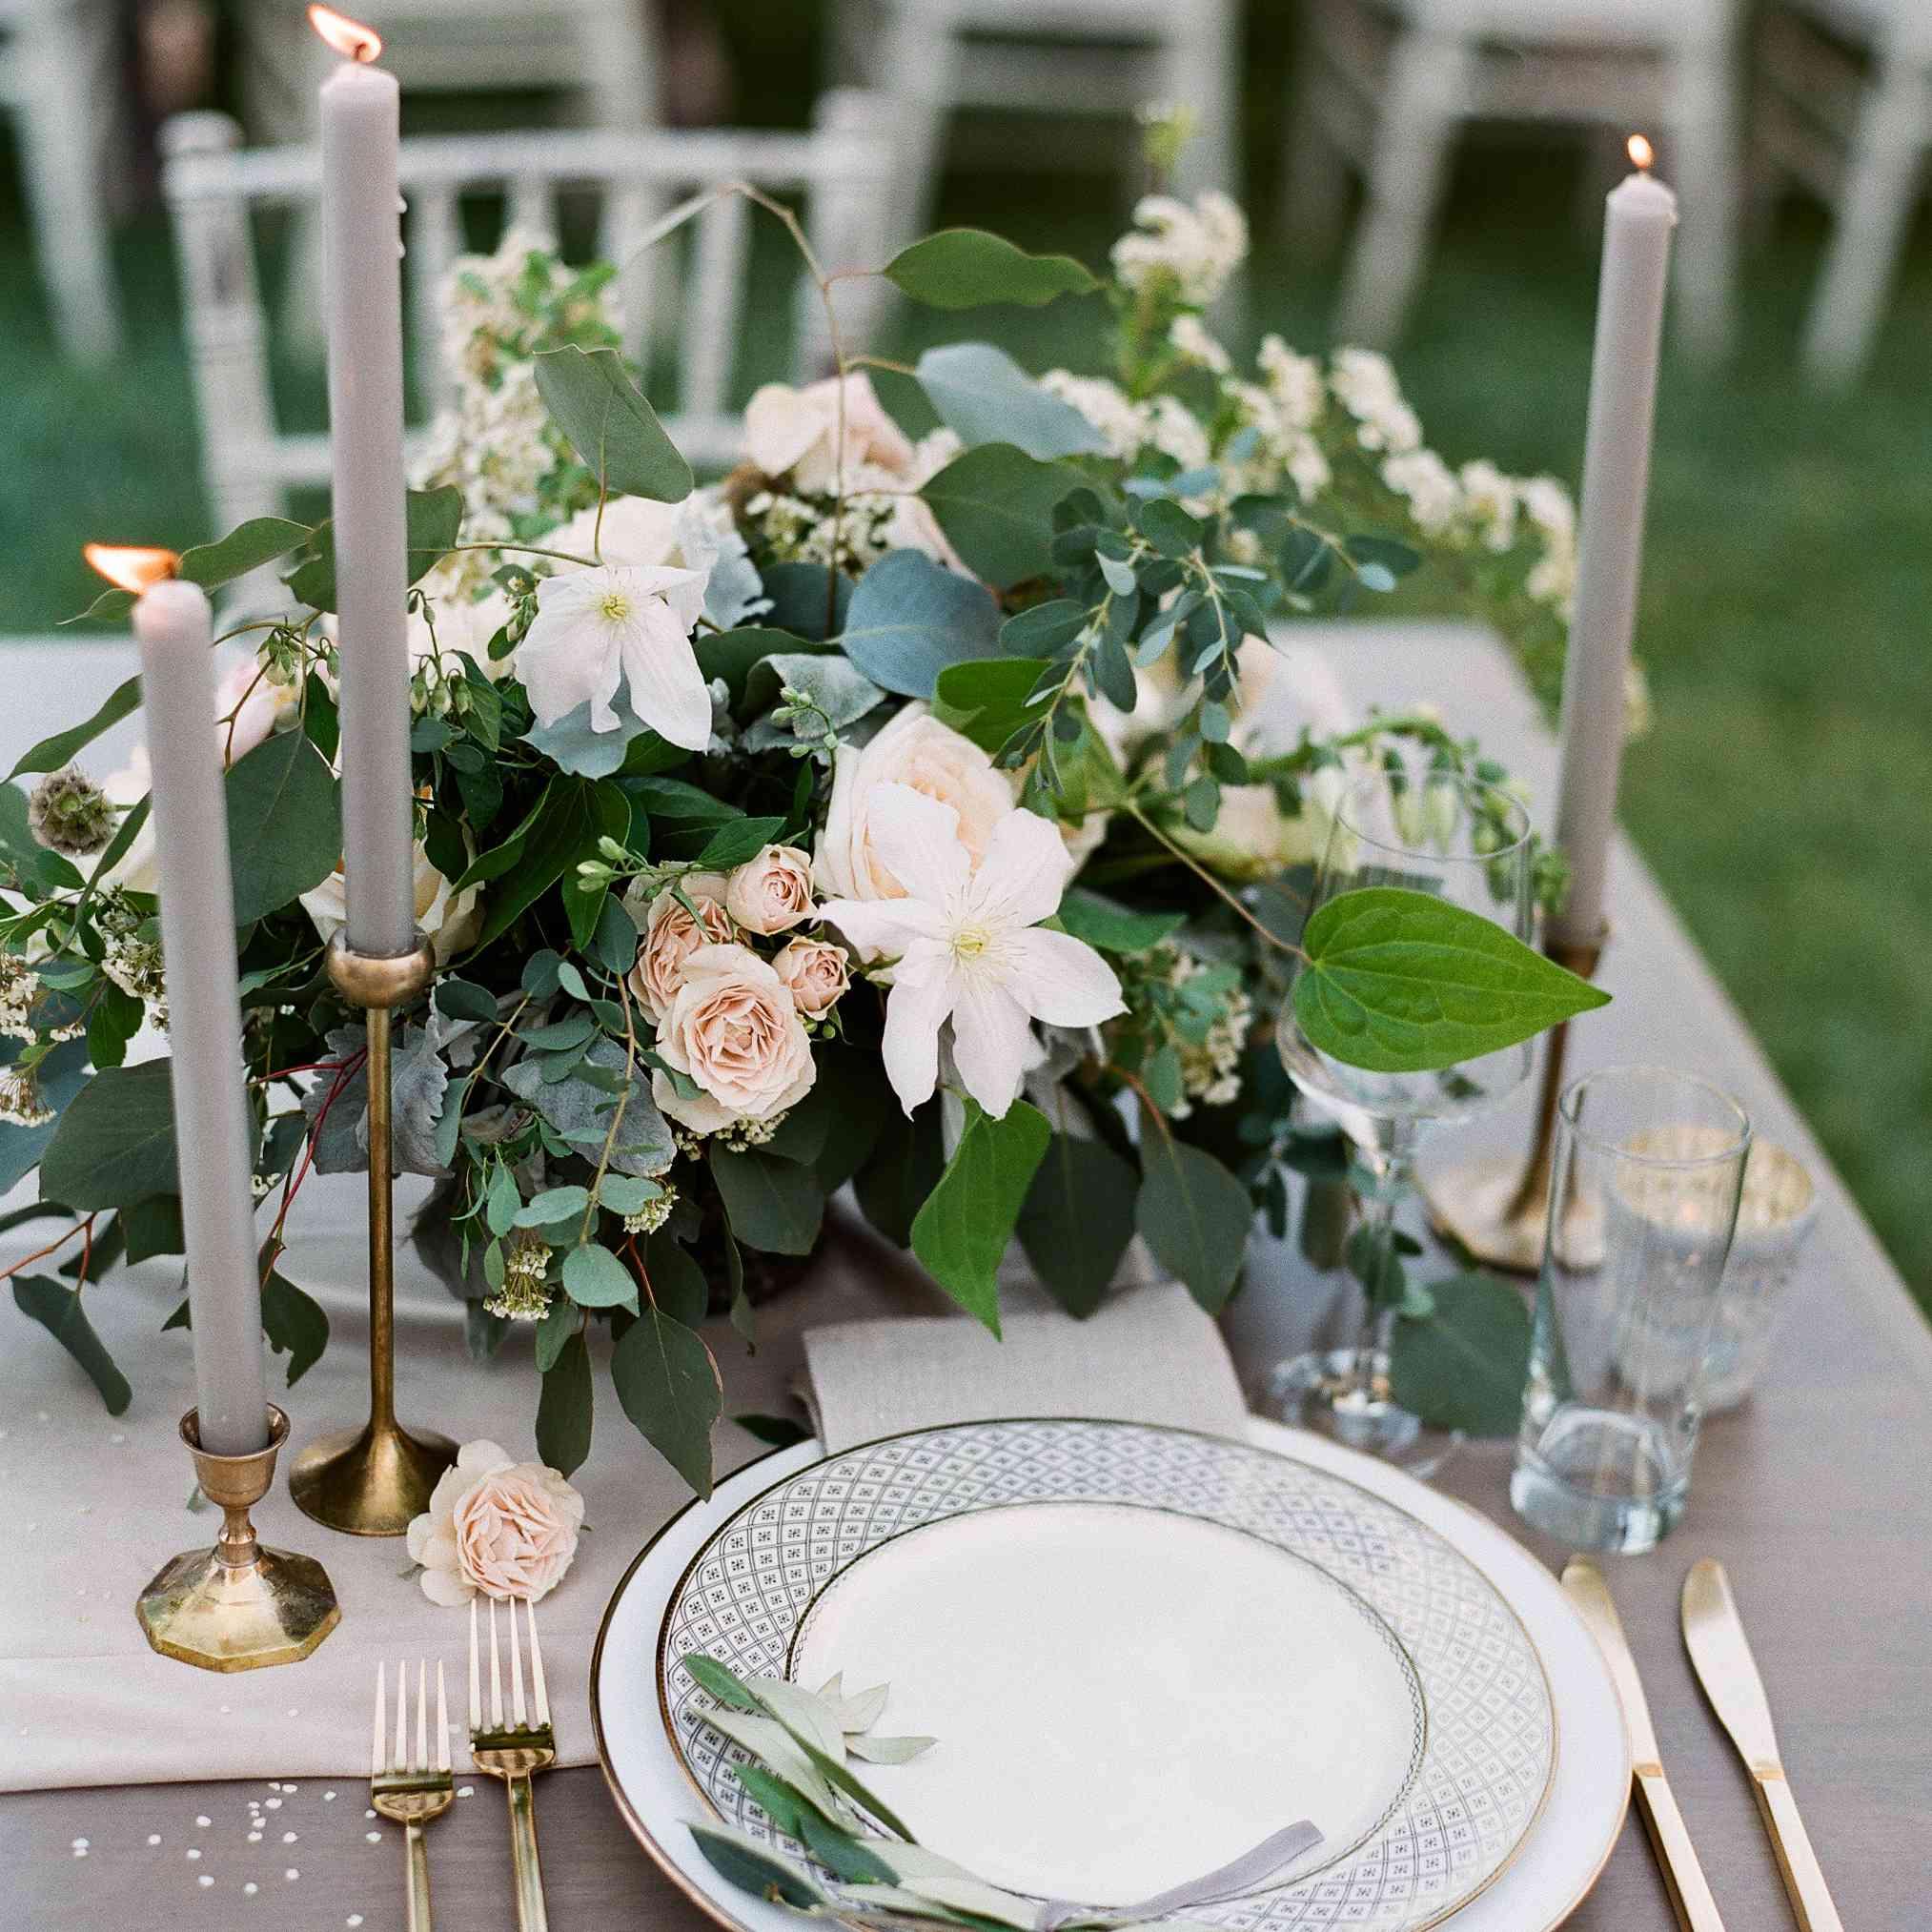 <p>Gray farm table with floral arrangement.</p>